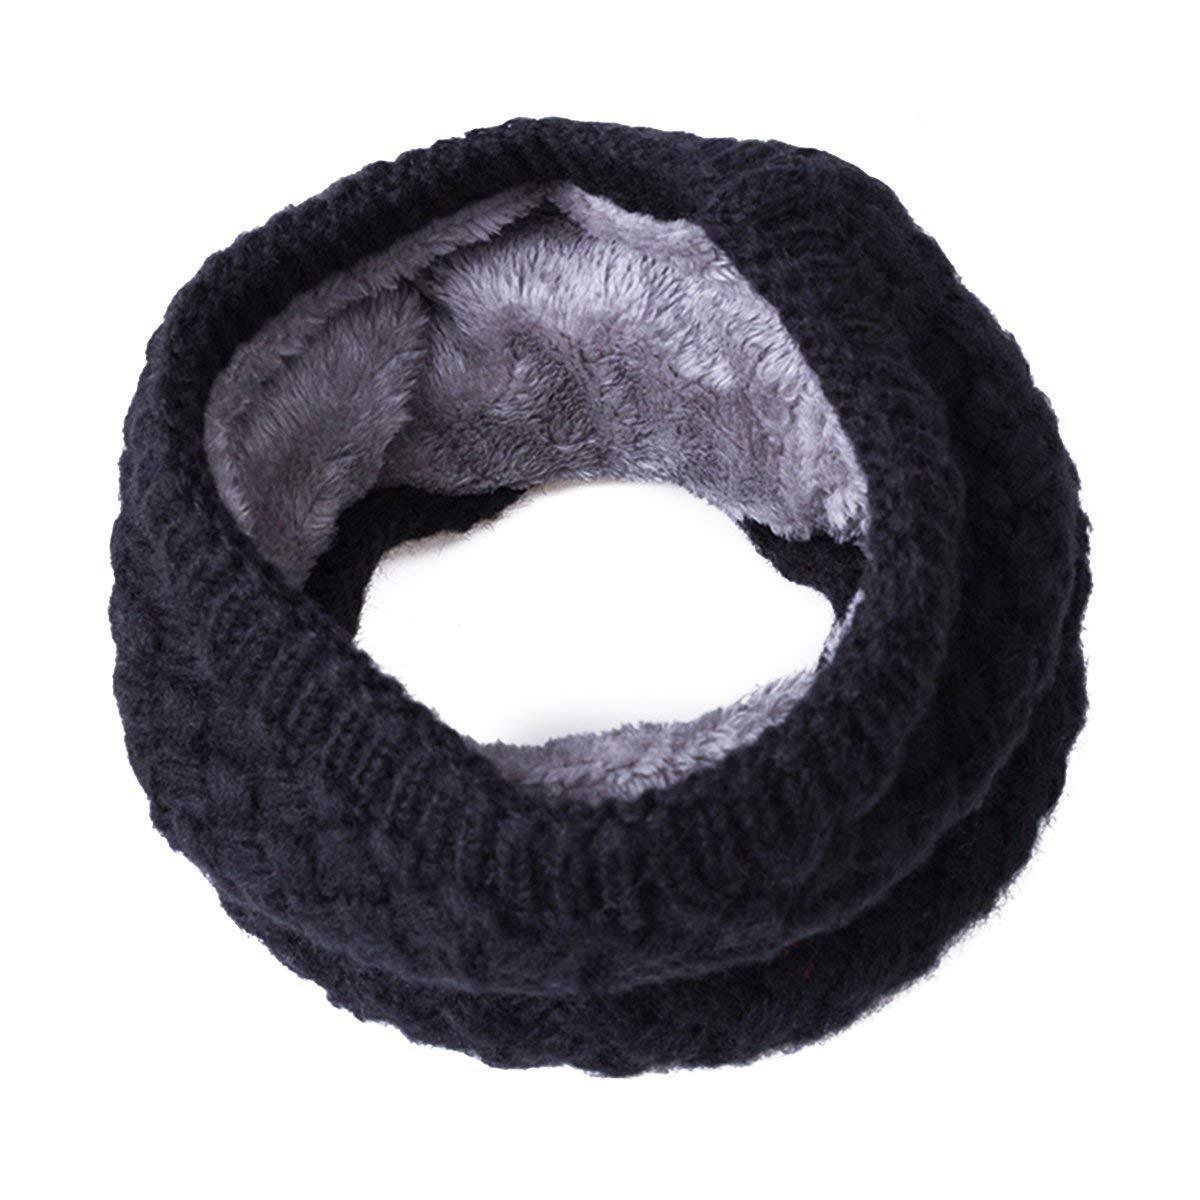 500c94225be1 TickTocking Unisexe hiver chaud bague écharpes épaisse polaire à  l intérieur de tricot élastique CN